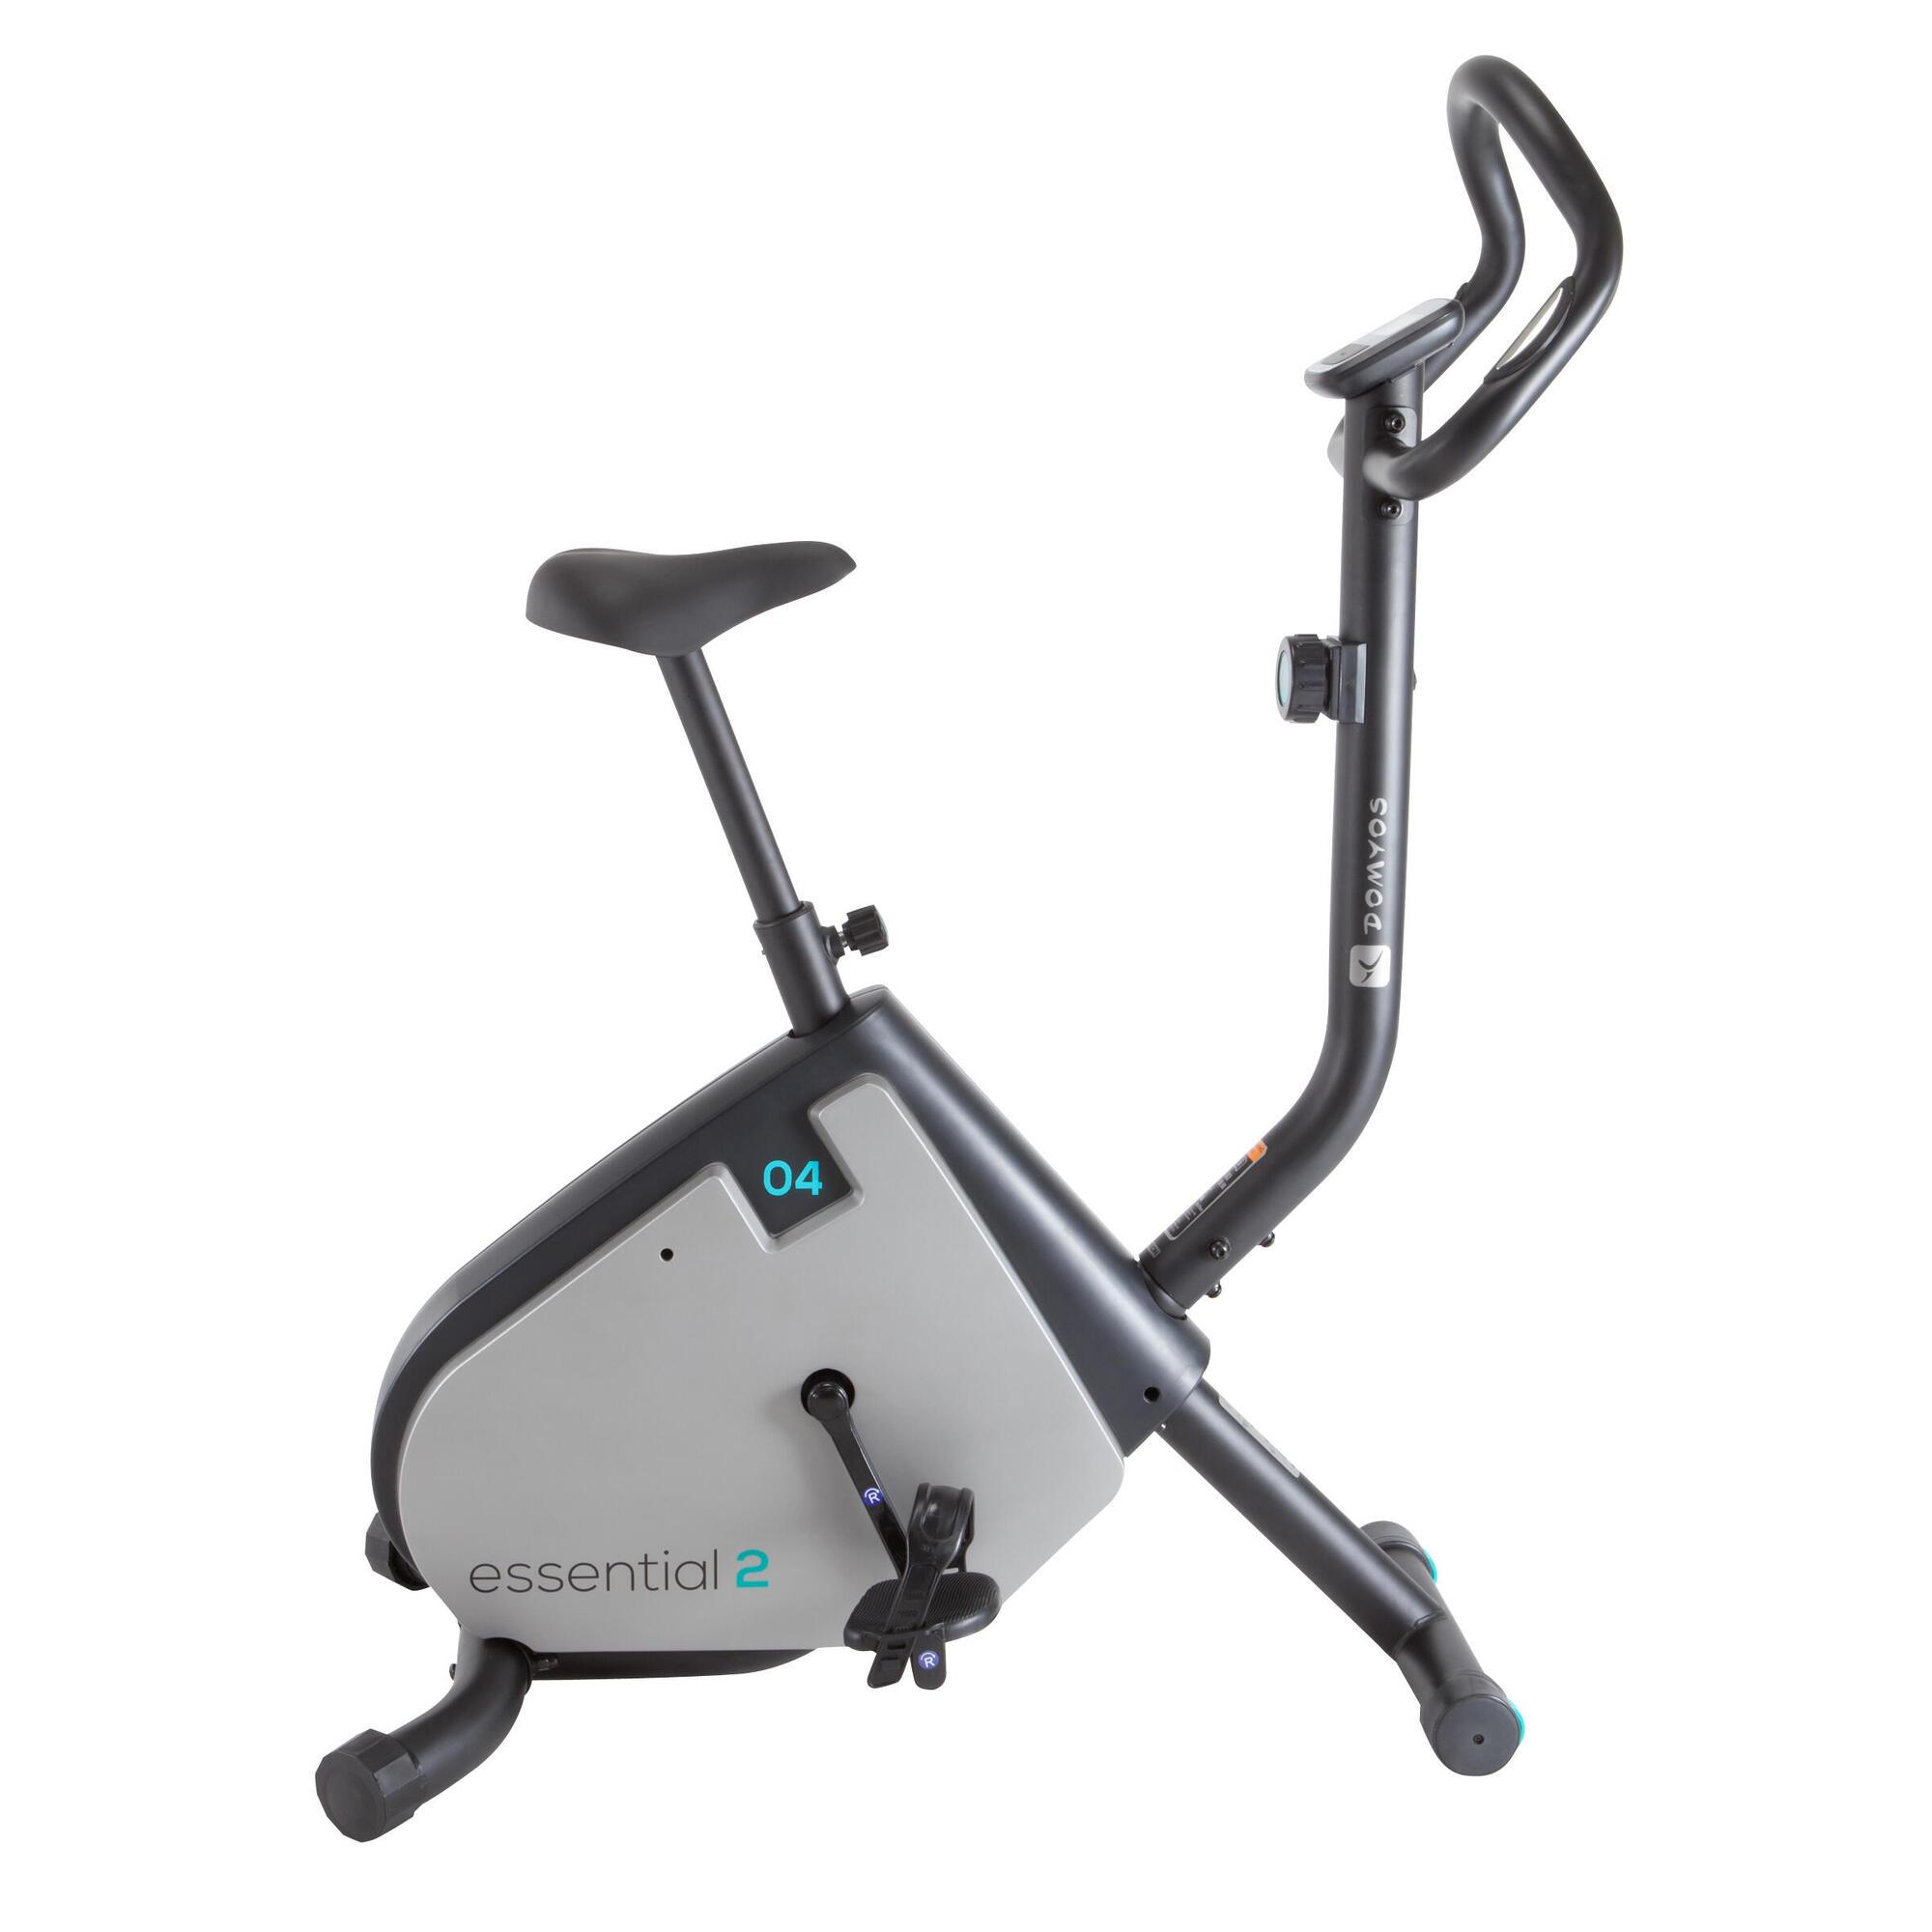 gå ner i vikt motionscykel